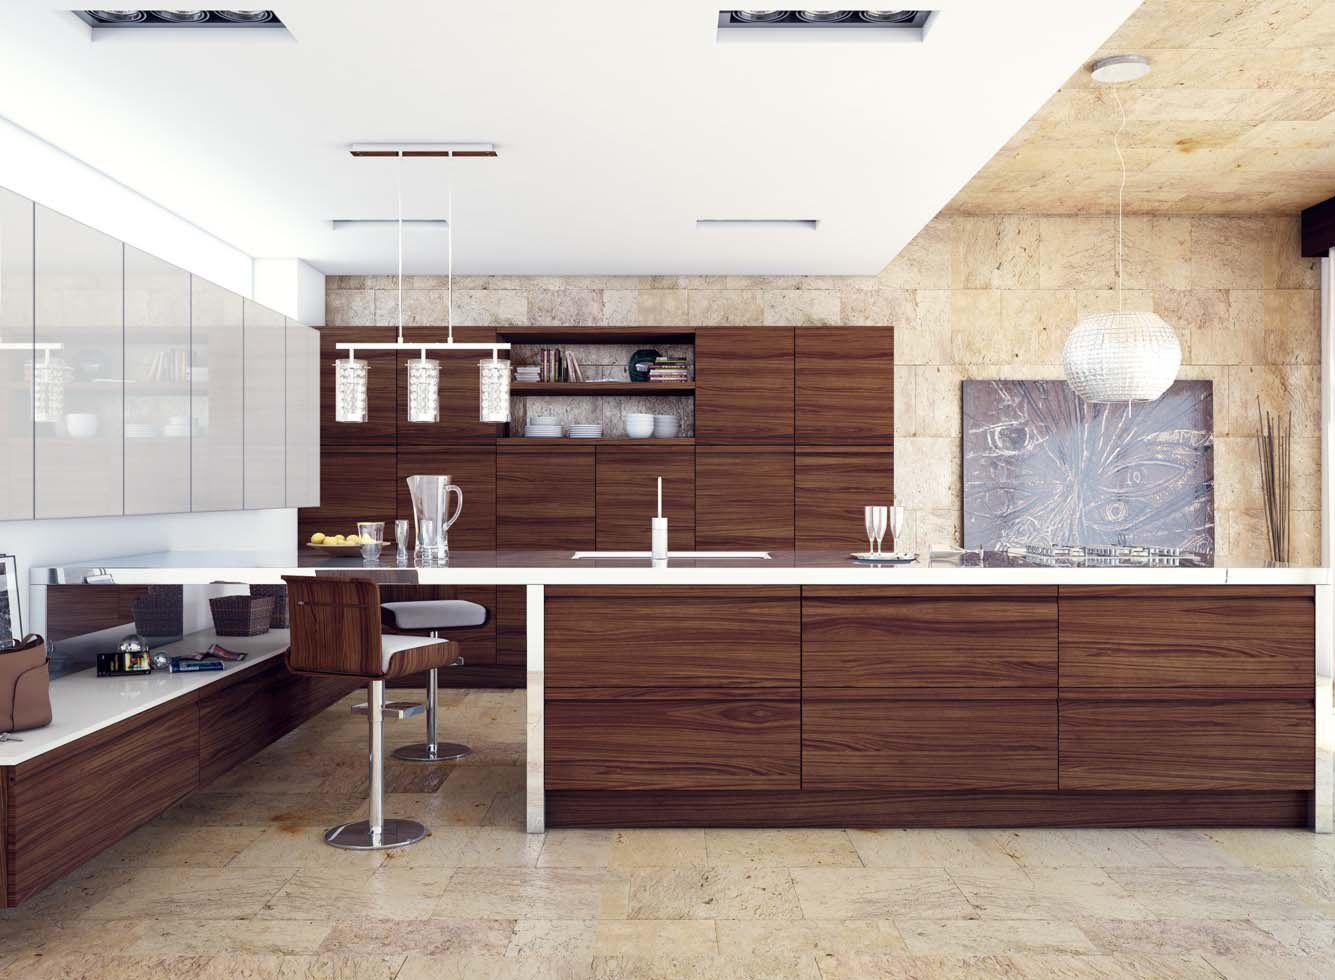 Cocina 90 cocinas capis dise o y fabricaci n de cocinas for Configurador cocinas